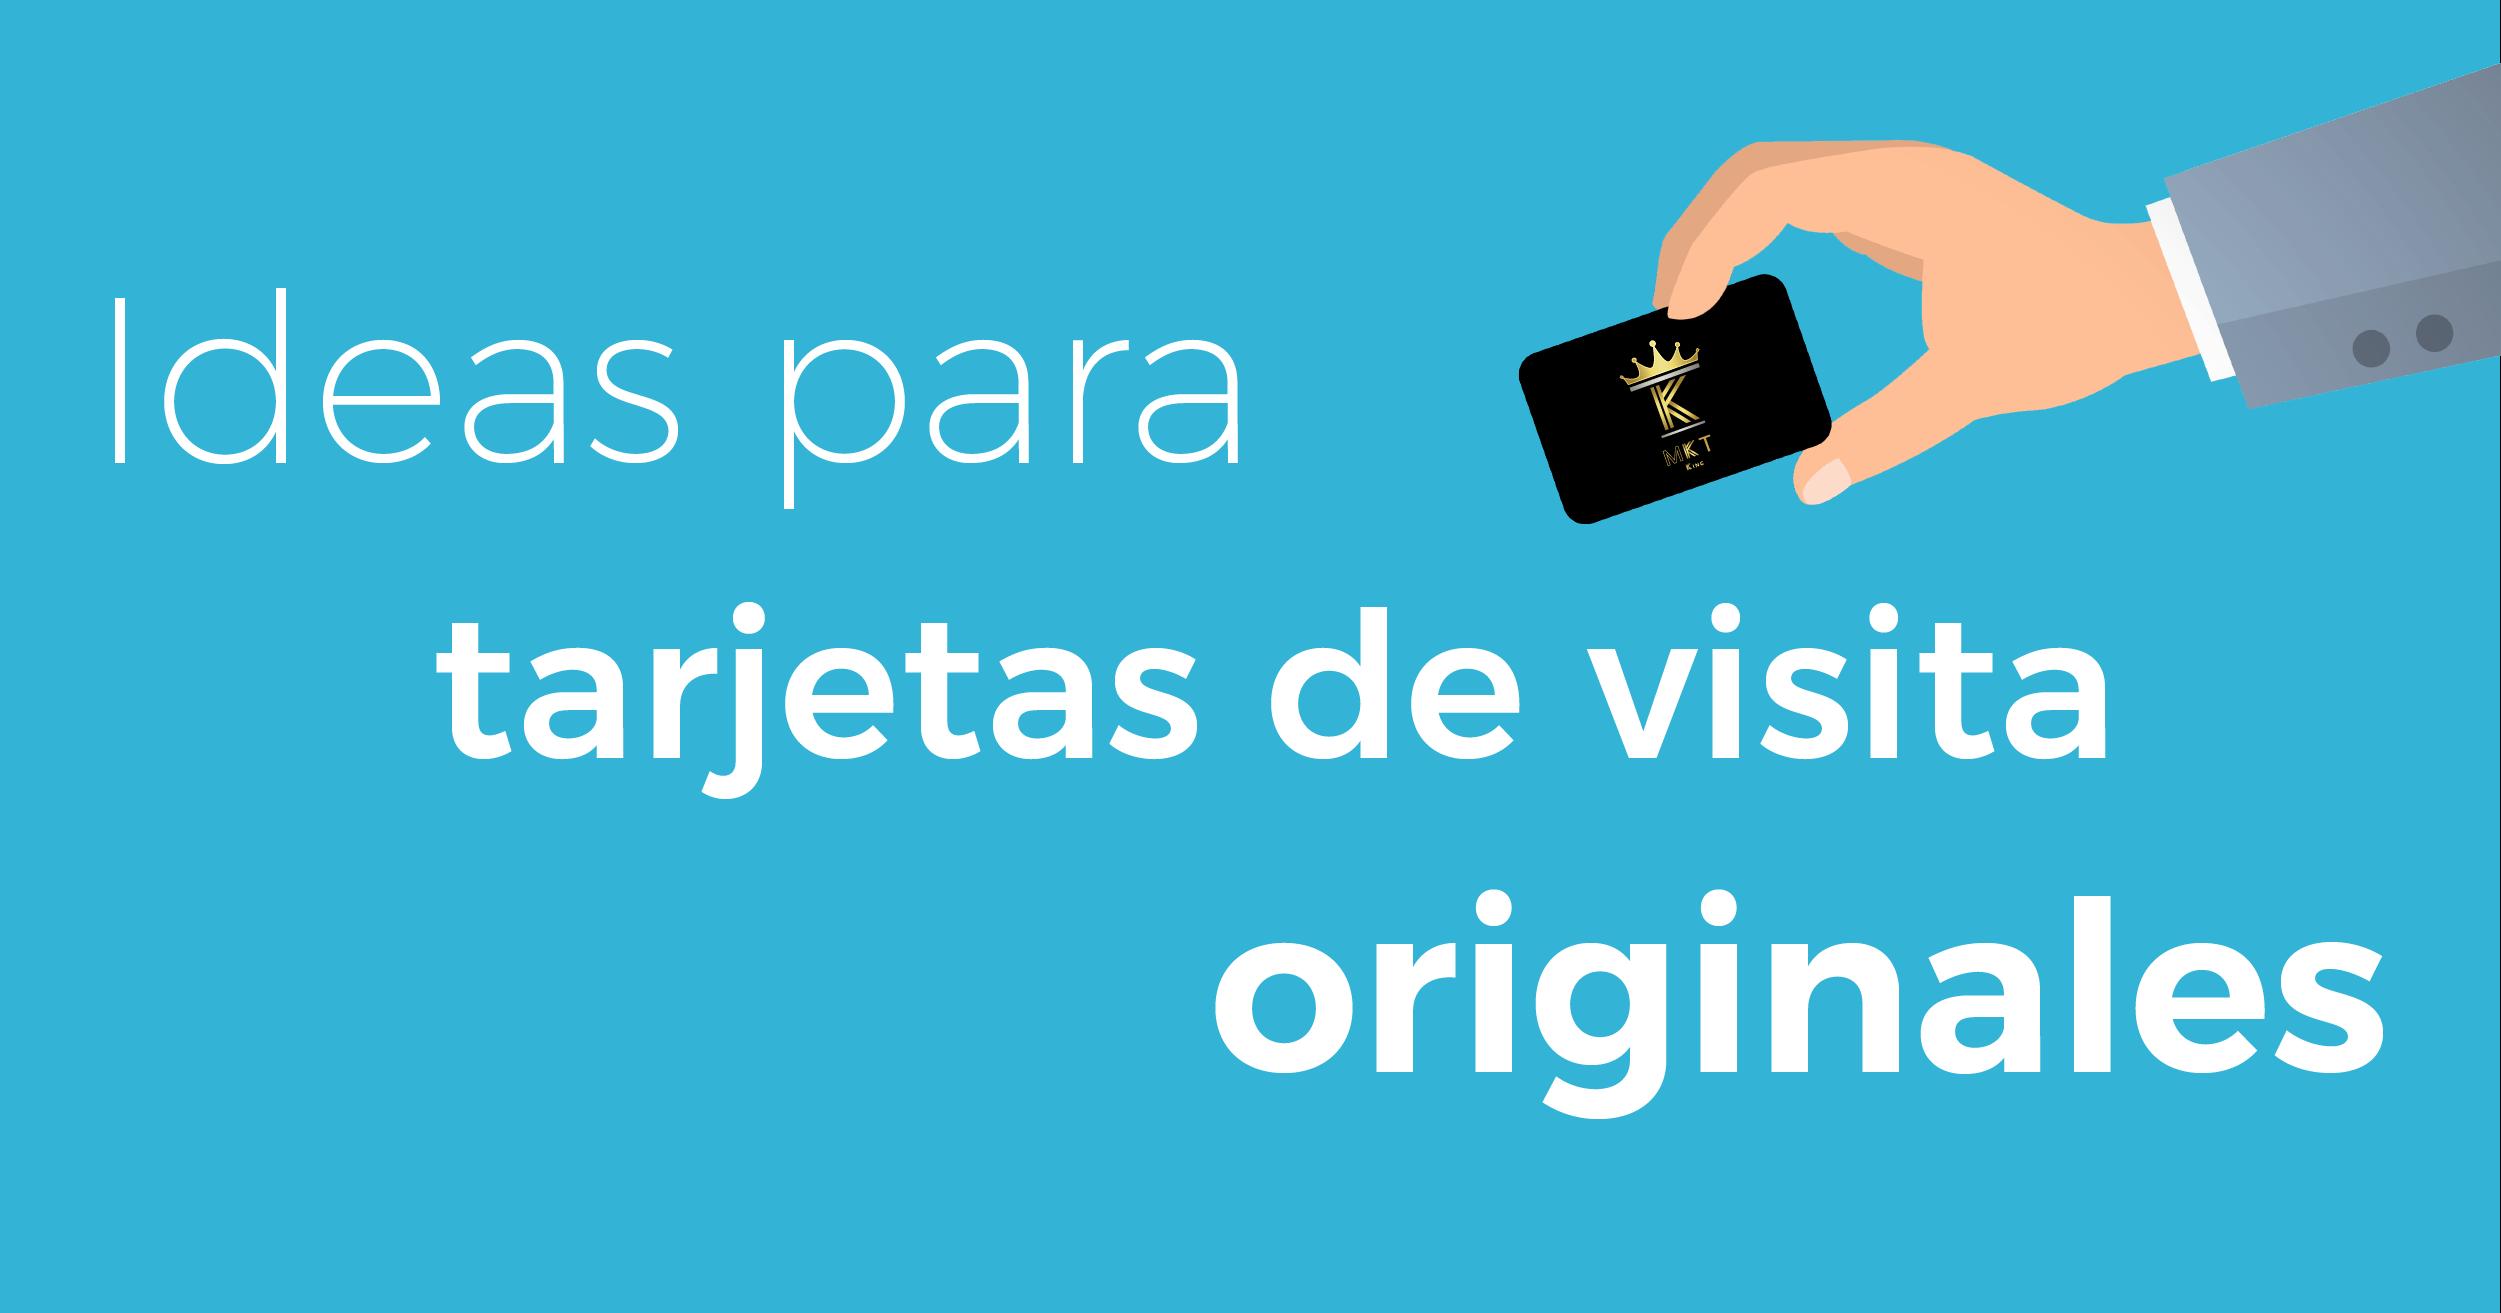 tarjetas de visita originales y creativas